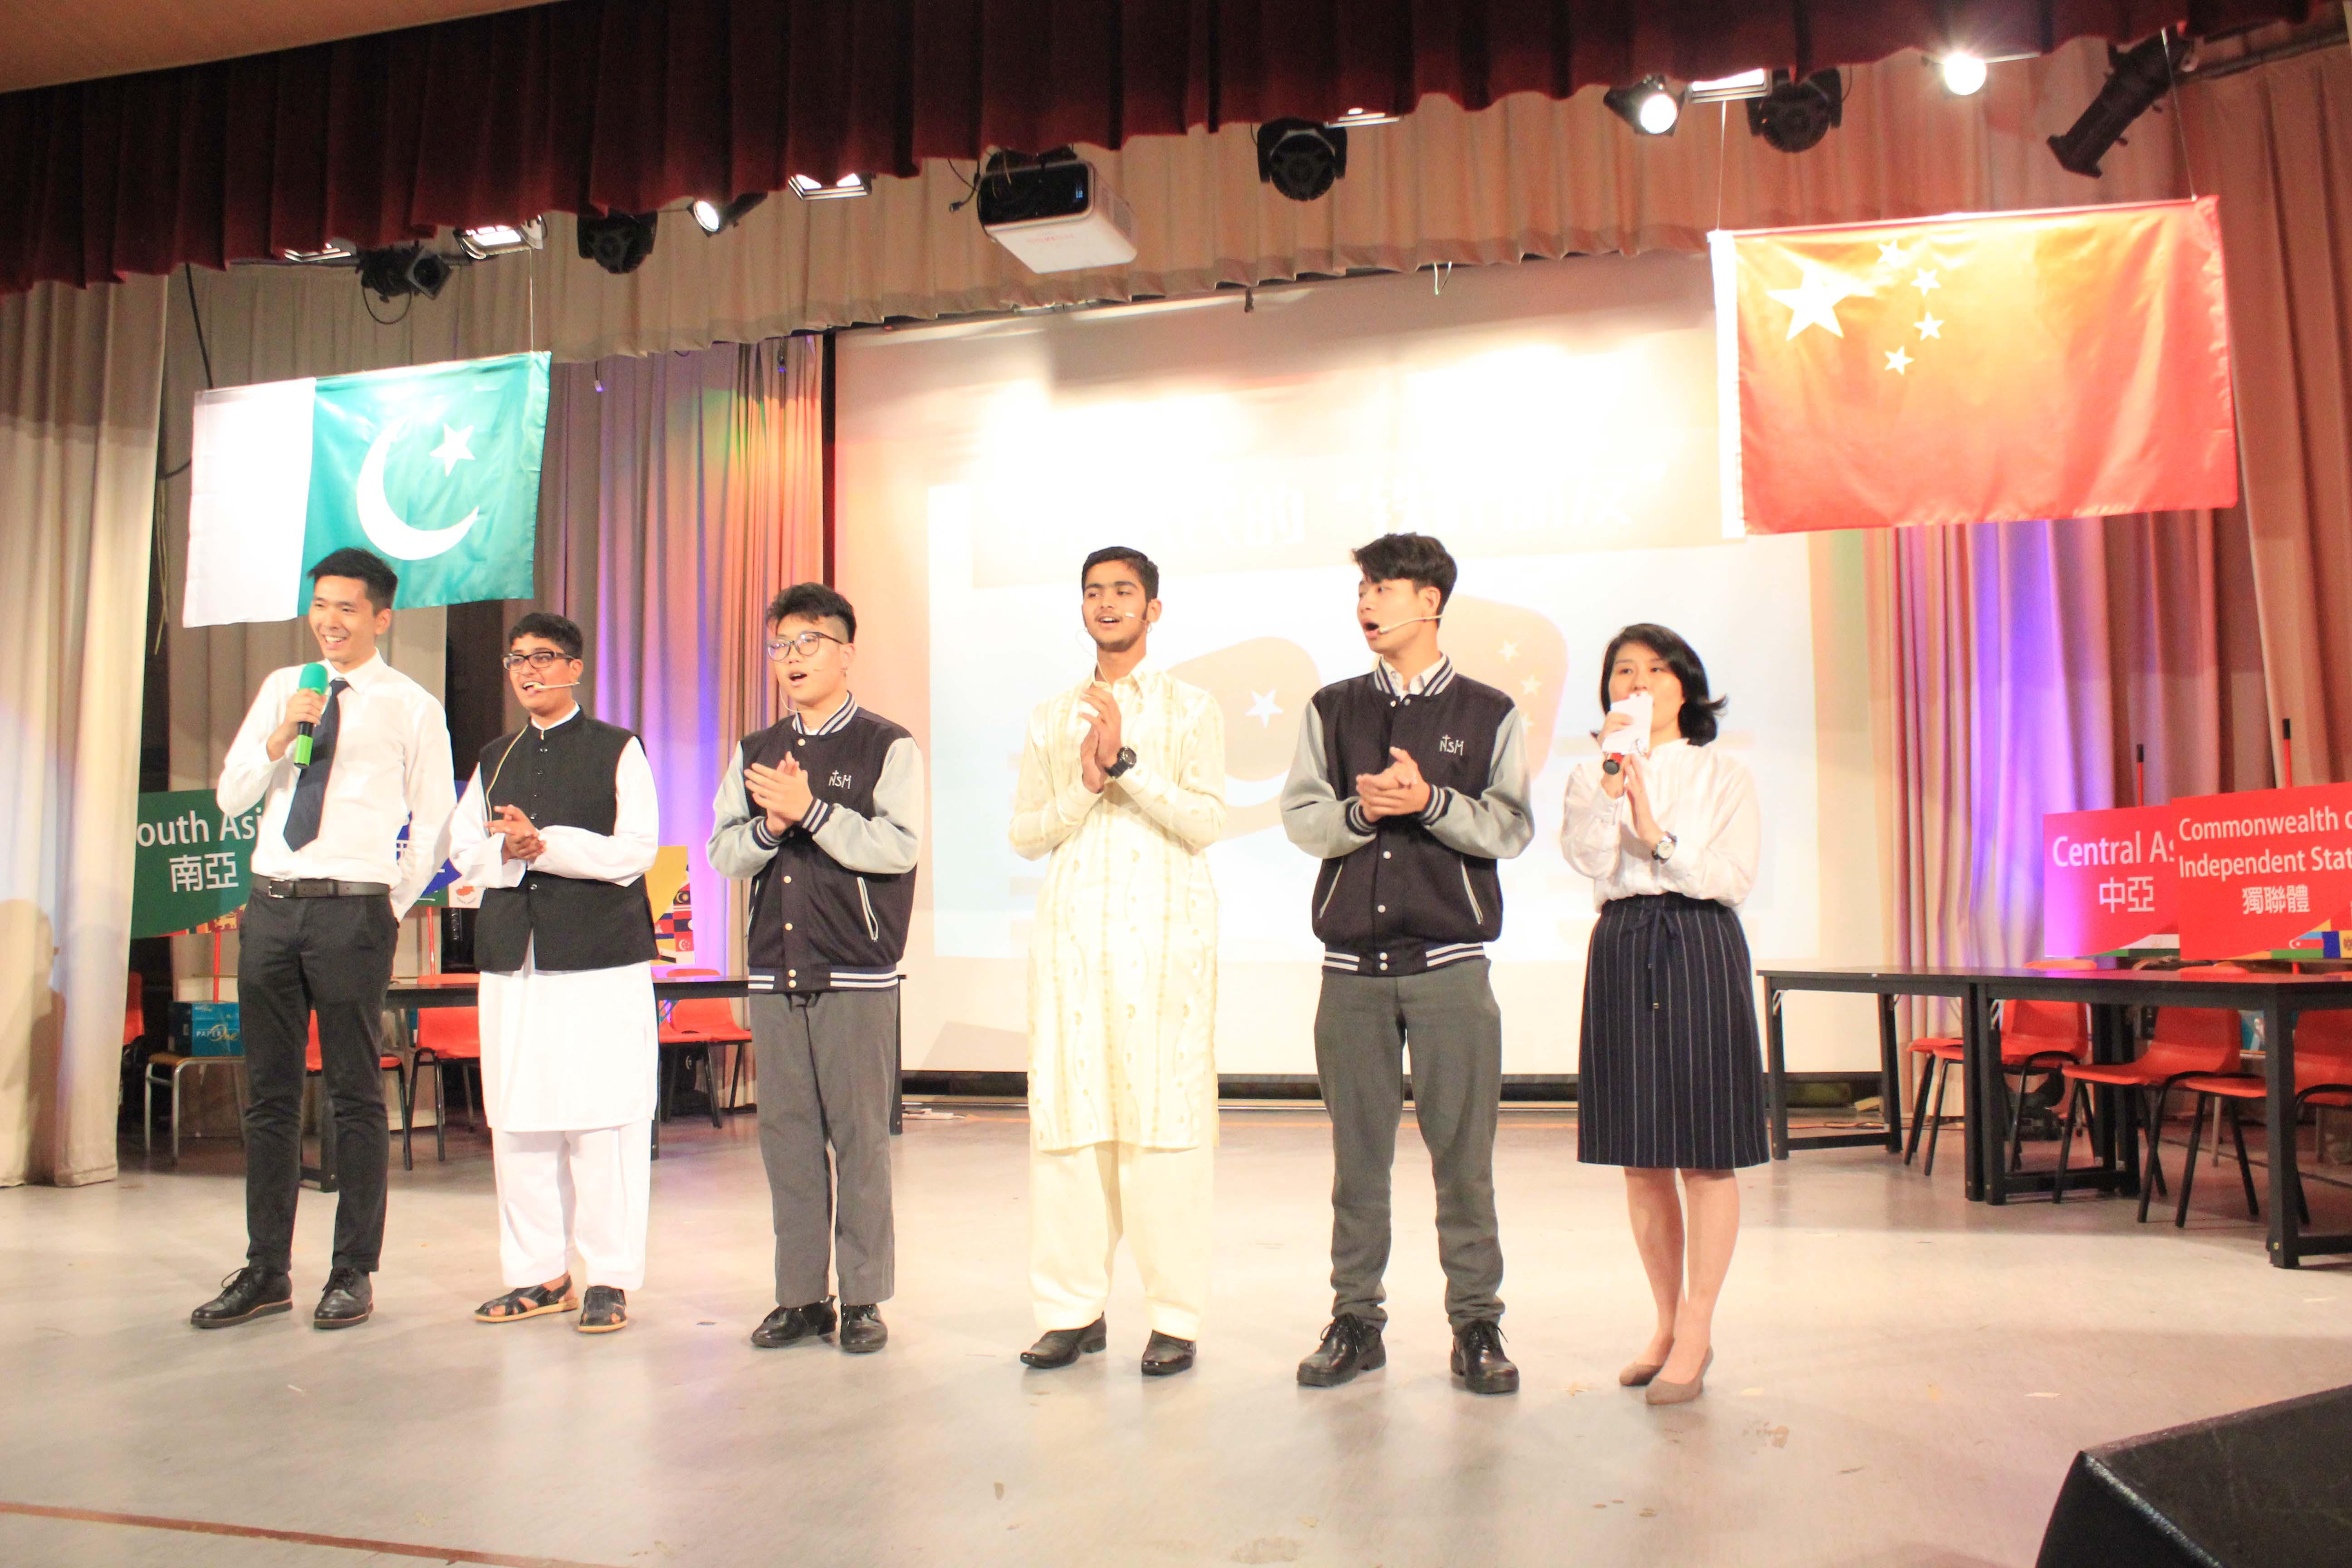 天主教慈幼會伍少梅中學的「中巴經濟走廊」高峰會活動相片5